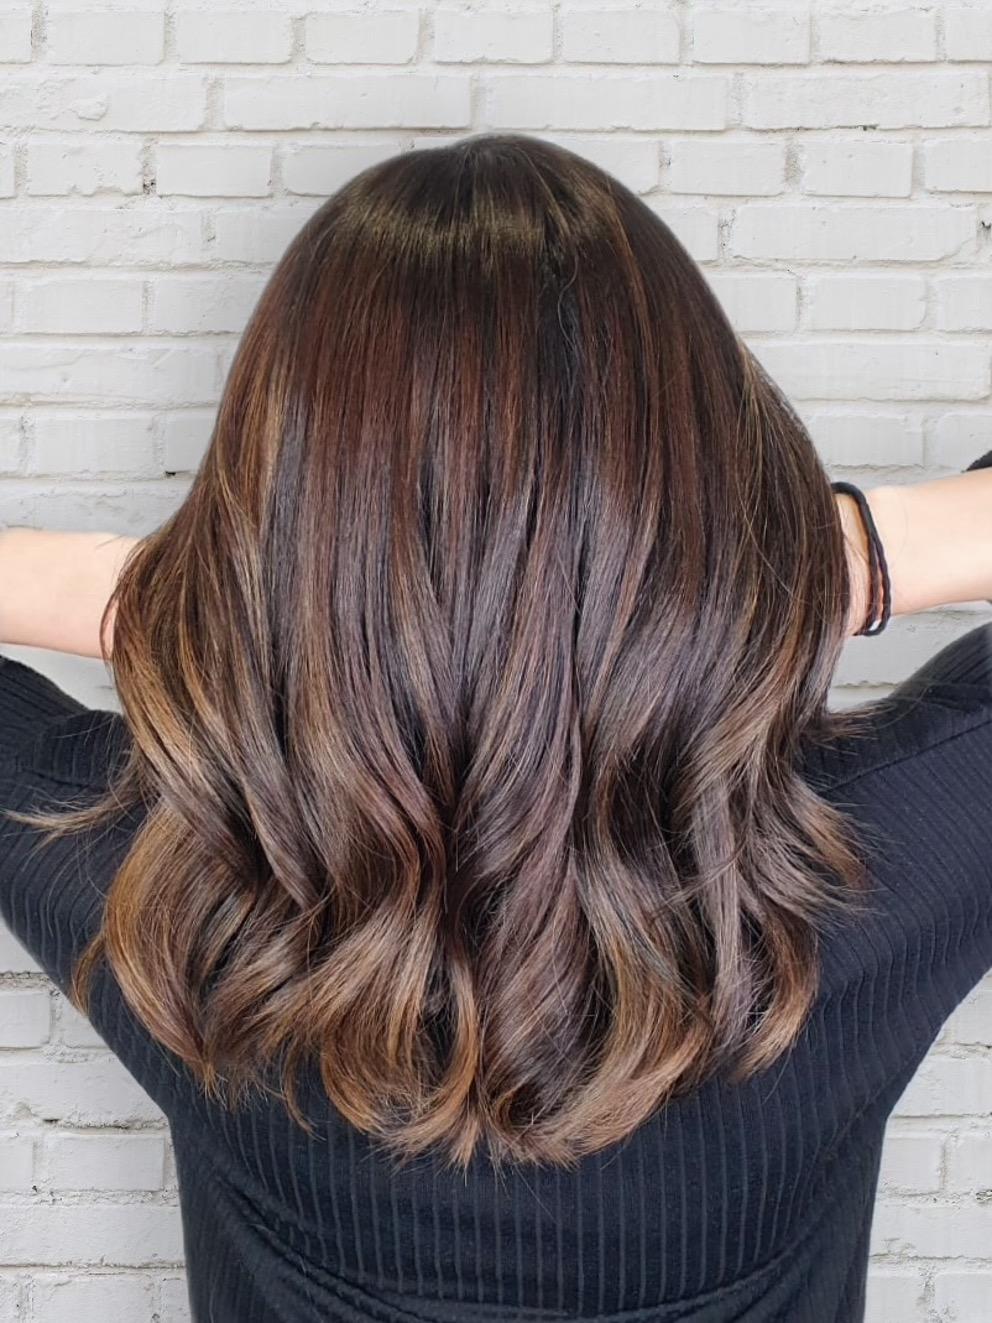 Brown Hair Colour Trend 2022: Cold Brew Hair